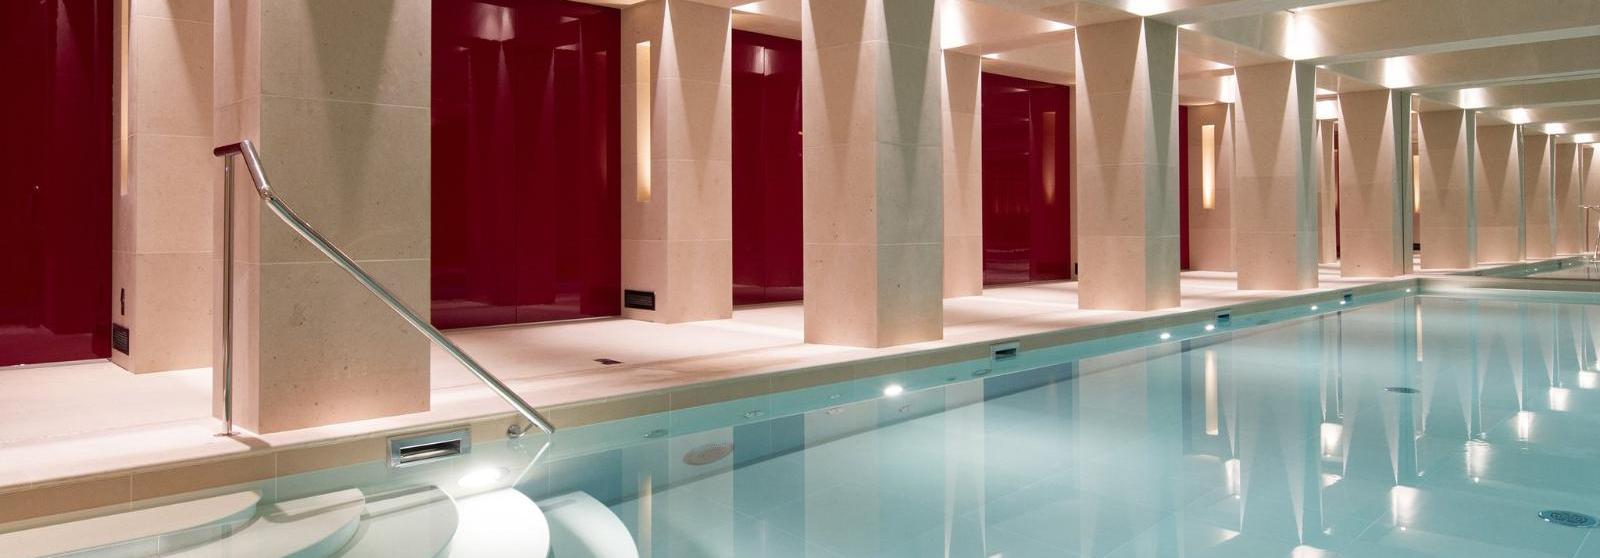 巴黎瑞瑟夫酒店(La Reserve Paris Hotel and Spa) 图片  www.lhw.cn